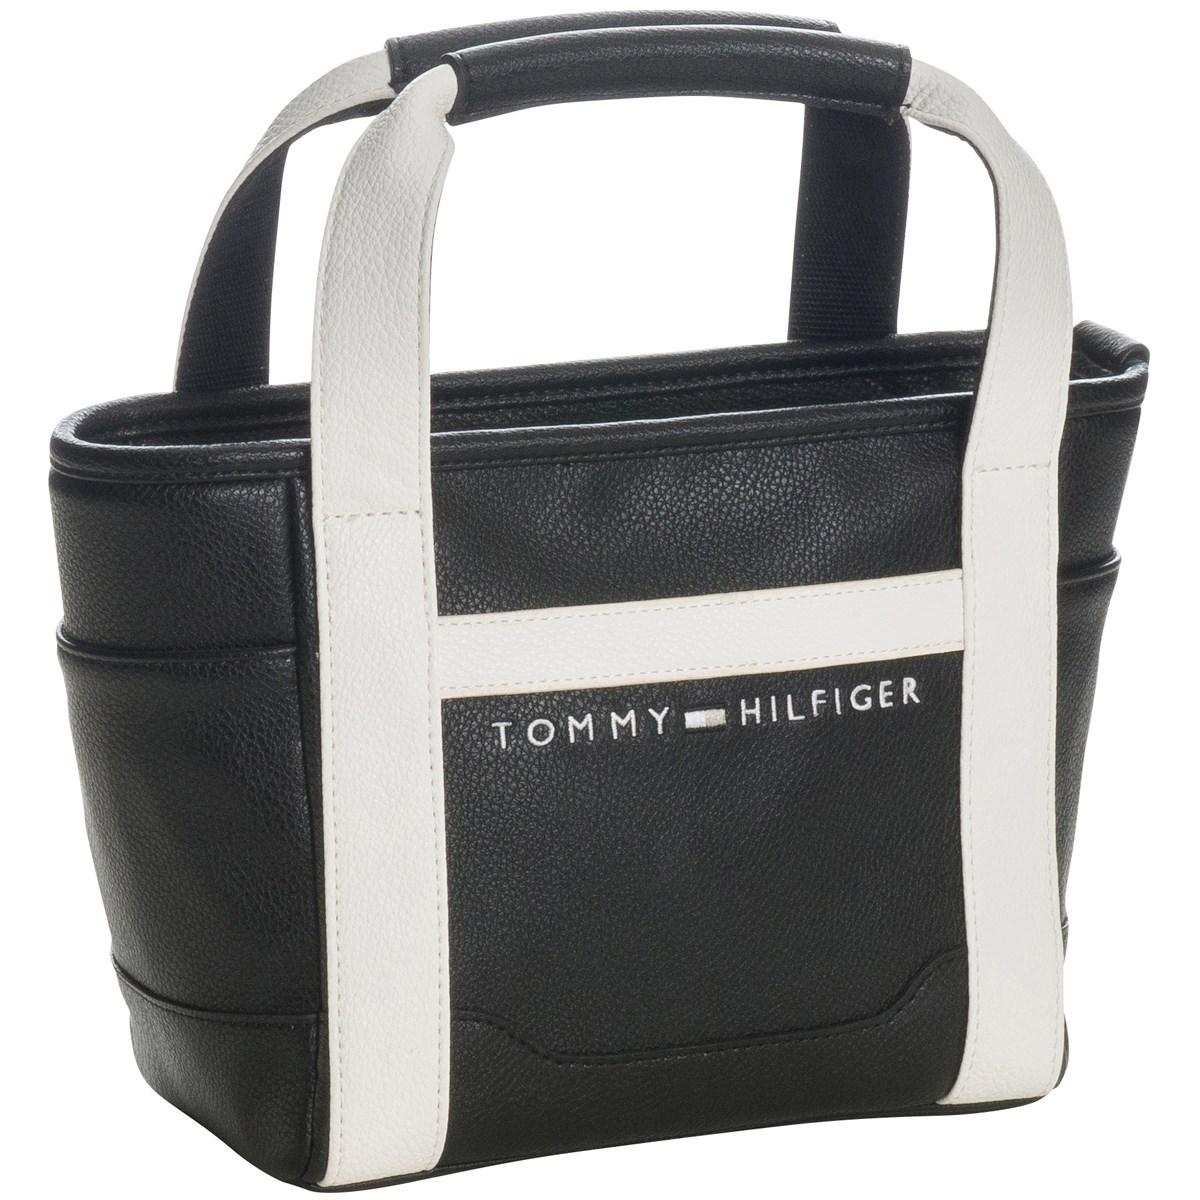 トミーヒルフィガー(Tommy Hilfiger) THE FACE ラウンドバッグ